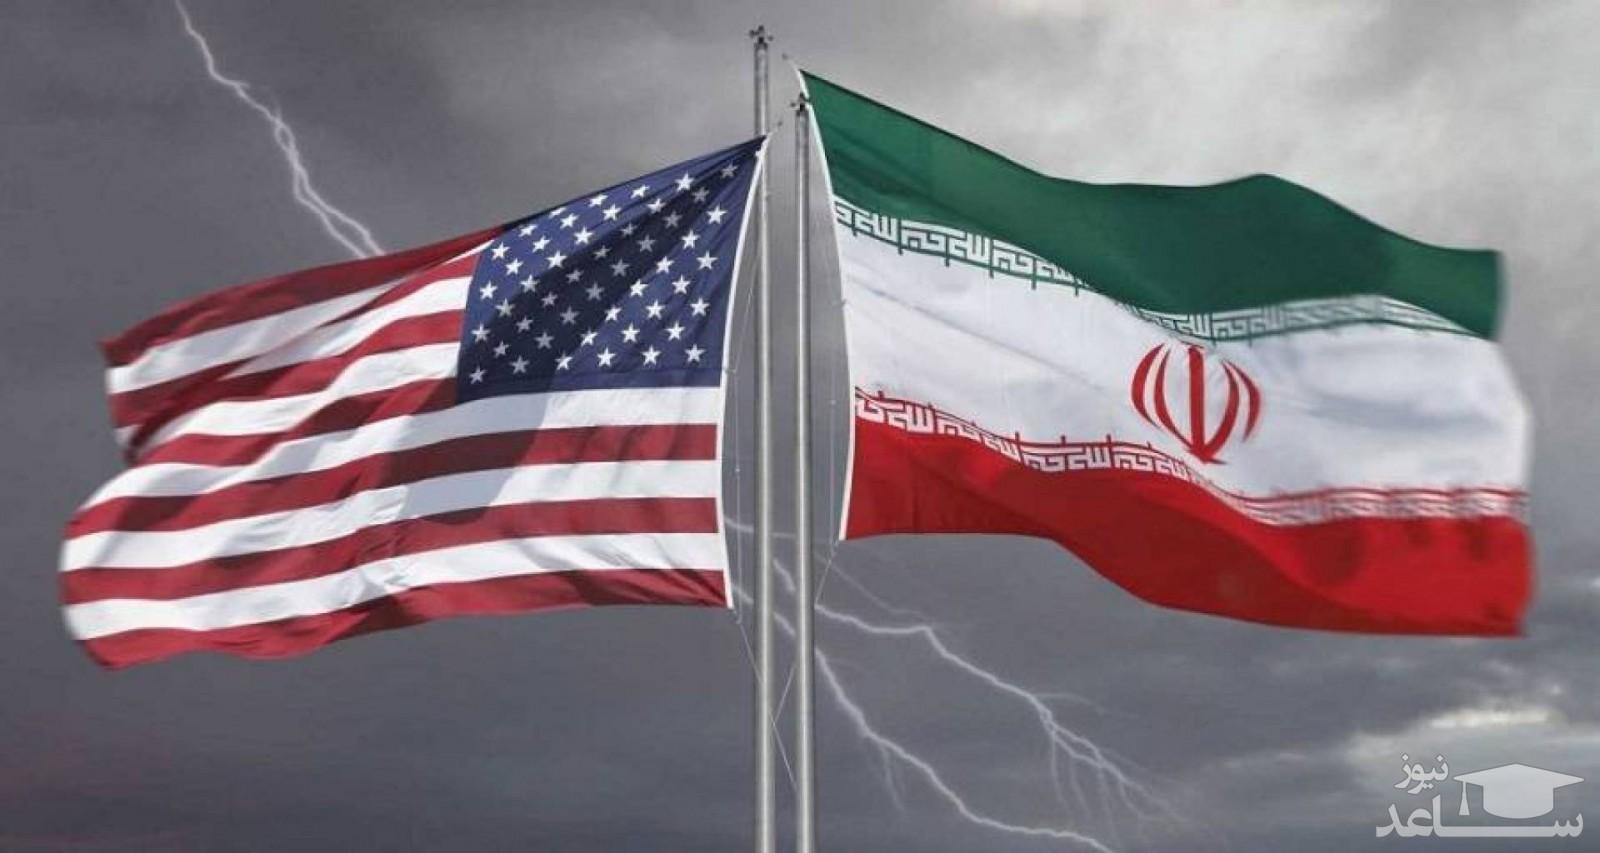 احتمال پایان فشار حداکثری آمریکا علیه ایران